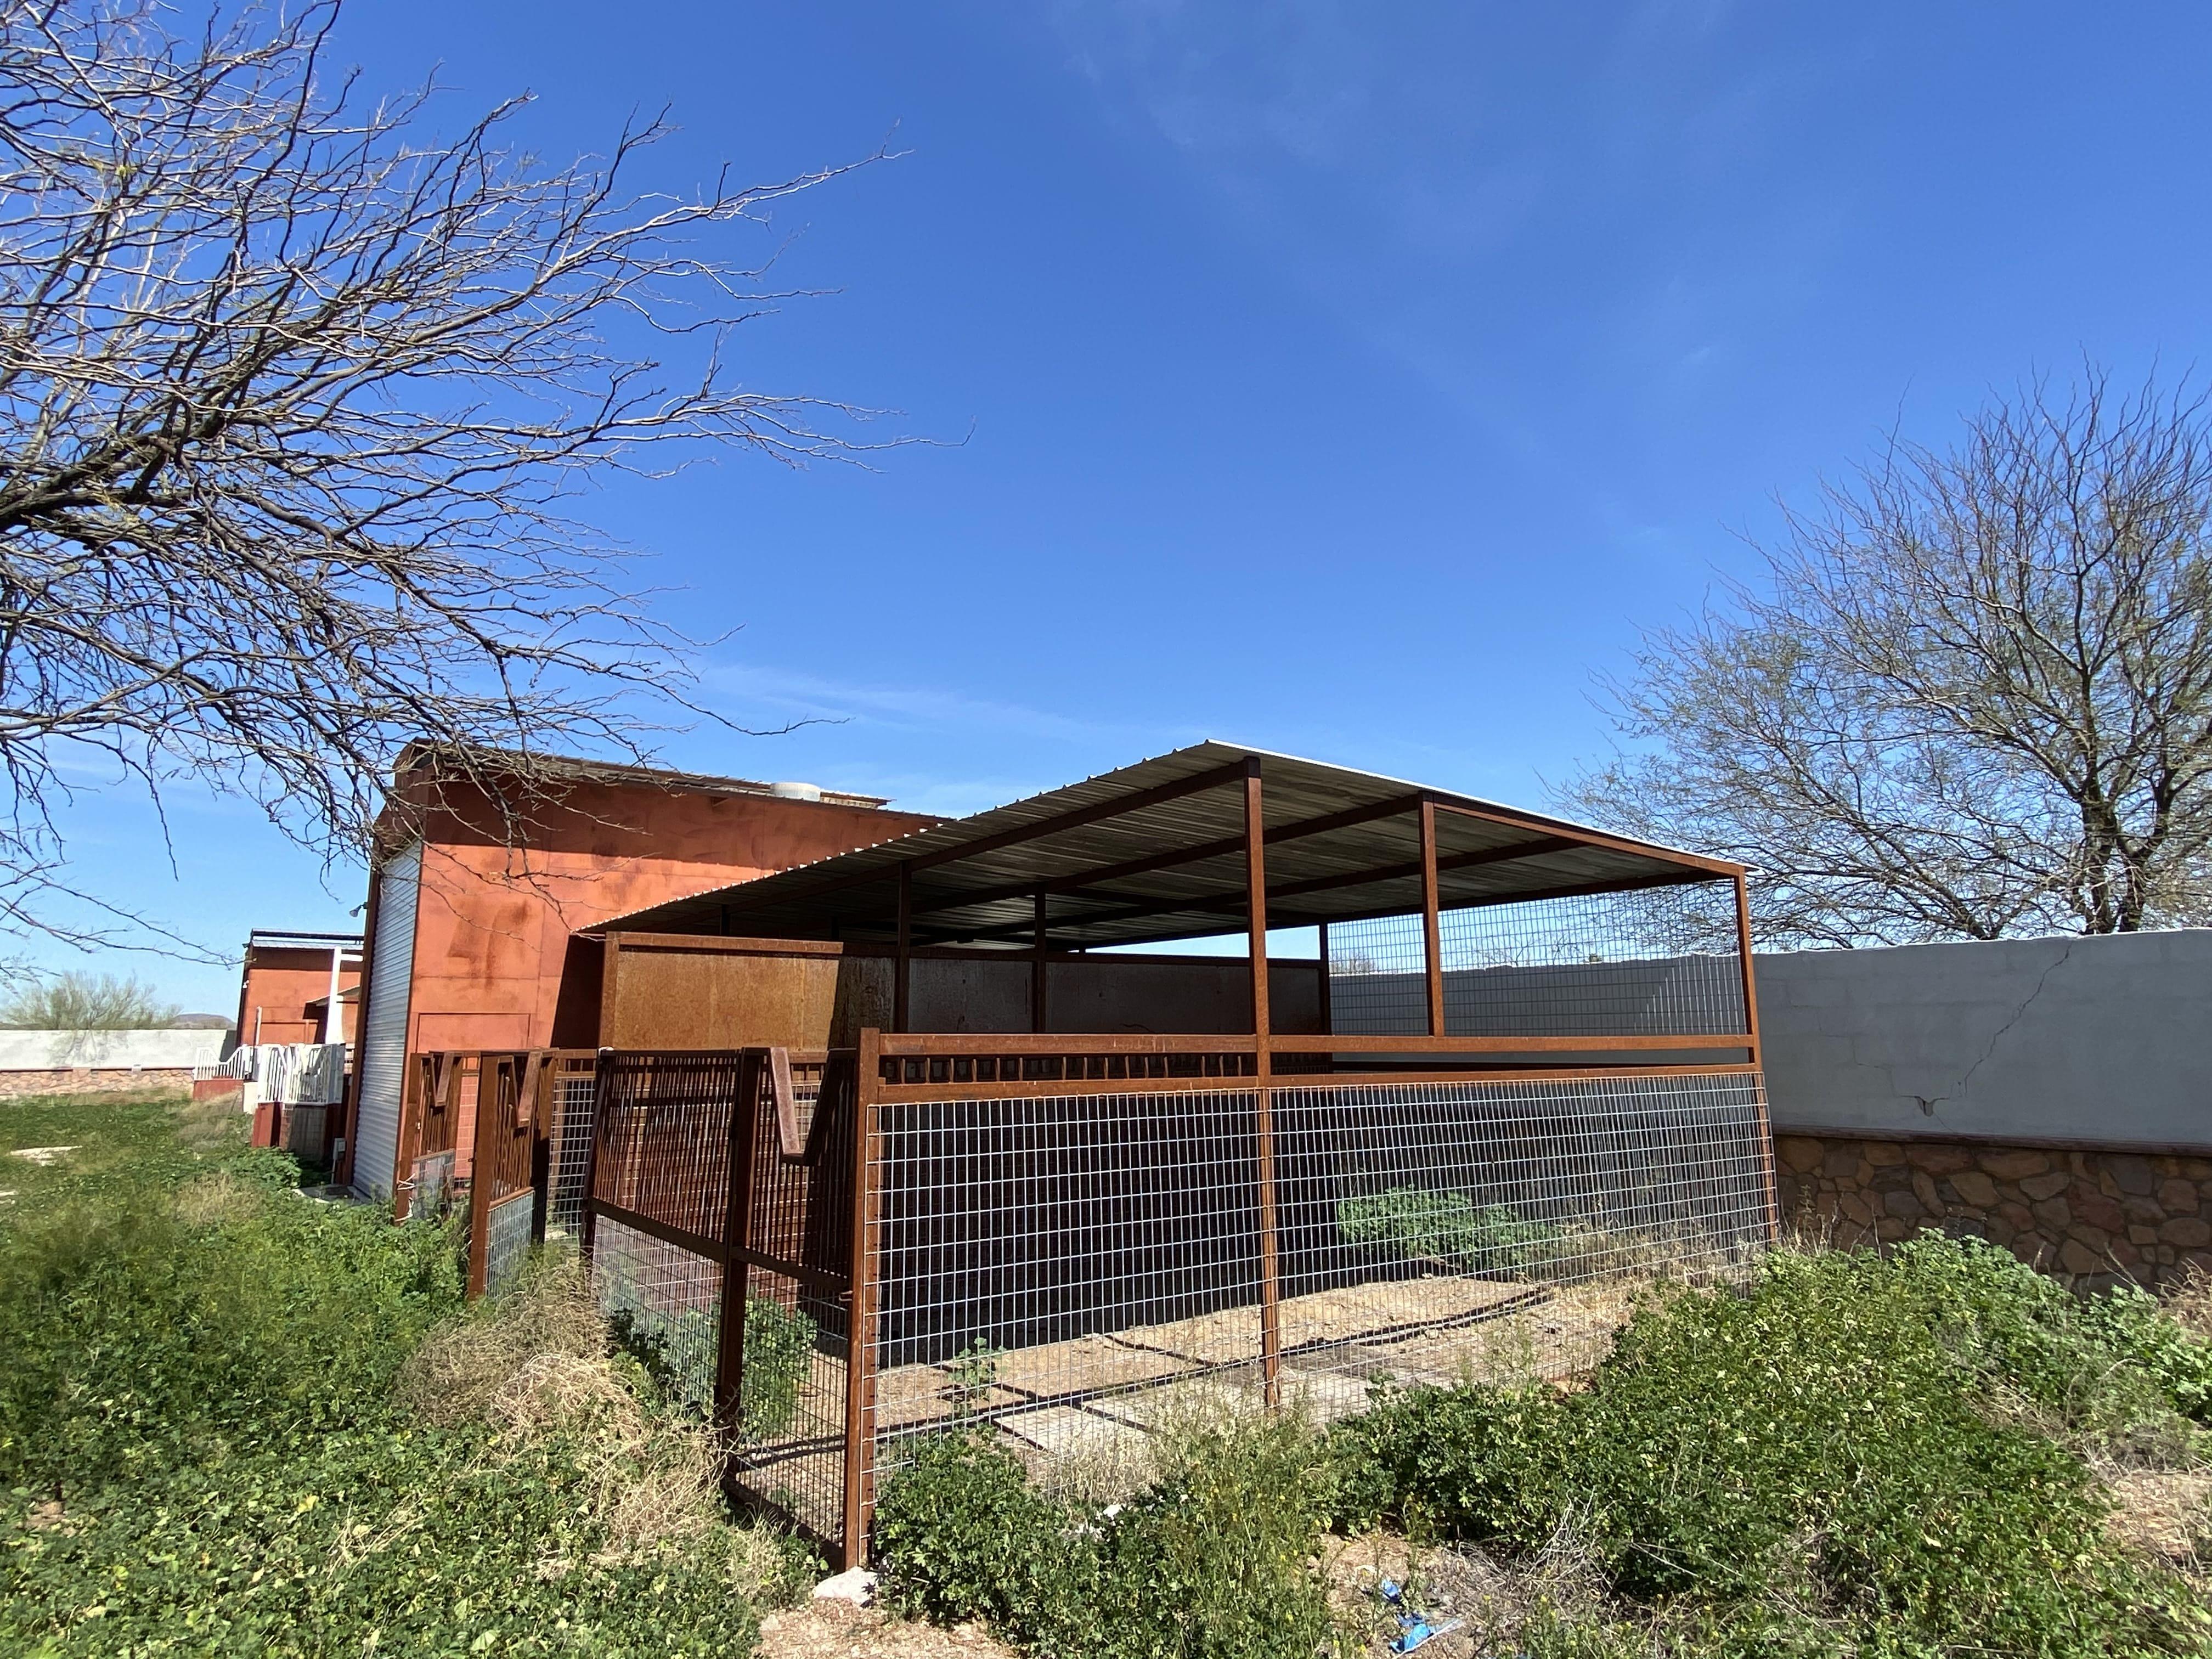 7065 S Sandpiper Ave, Tucson, AZ (3)